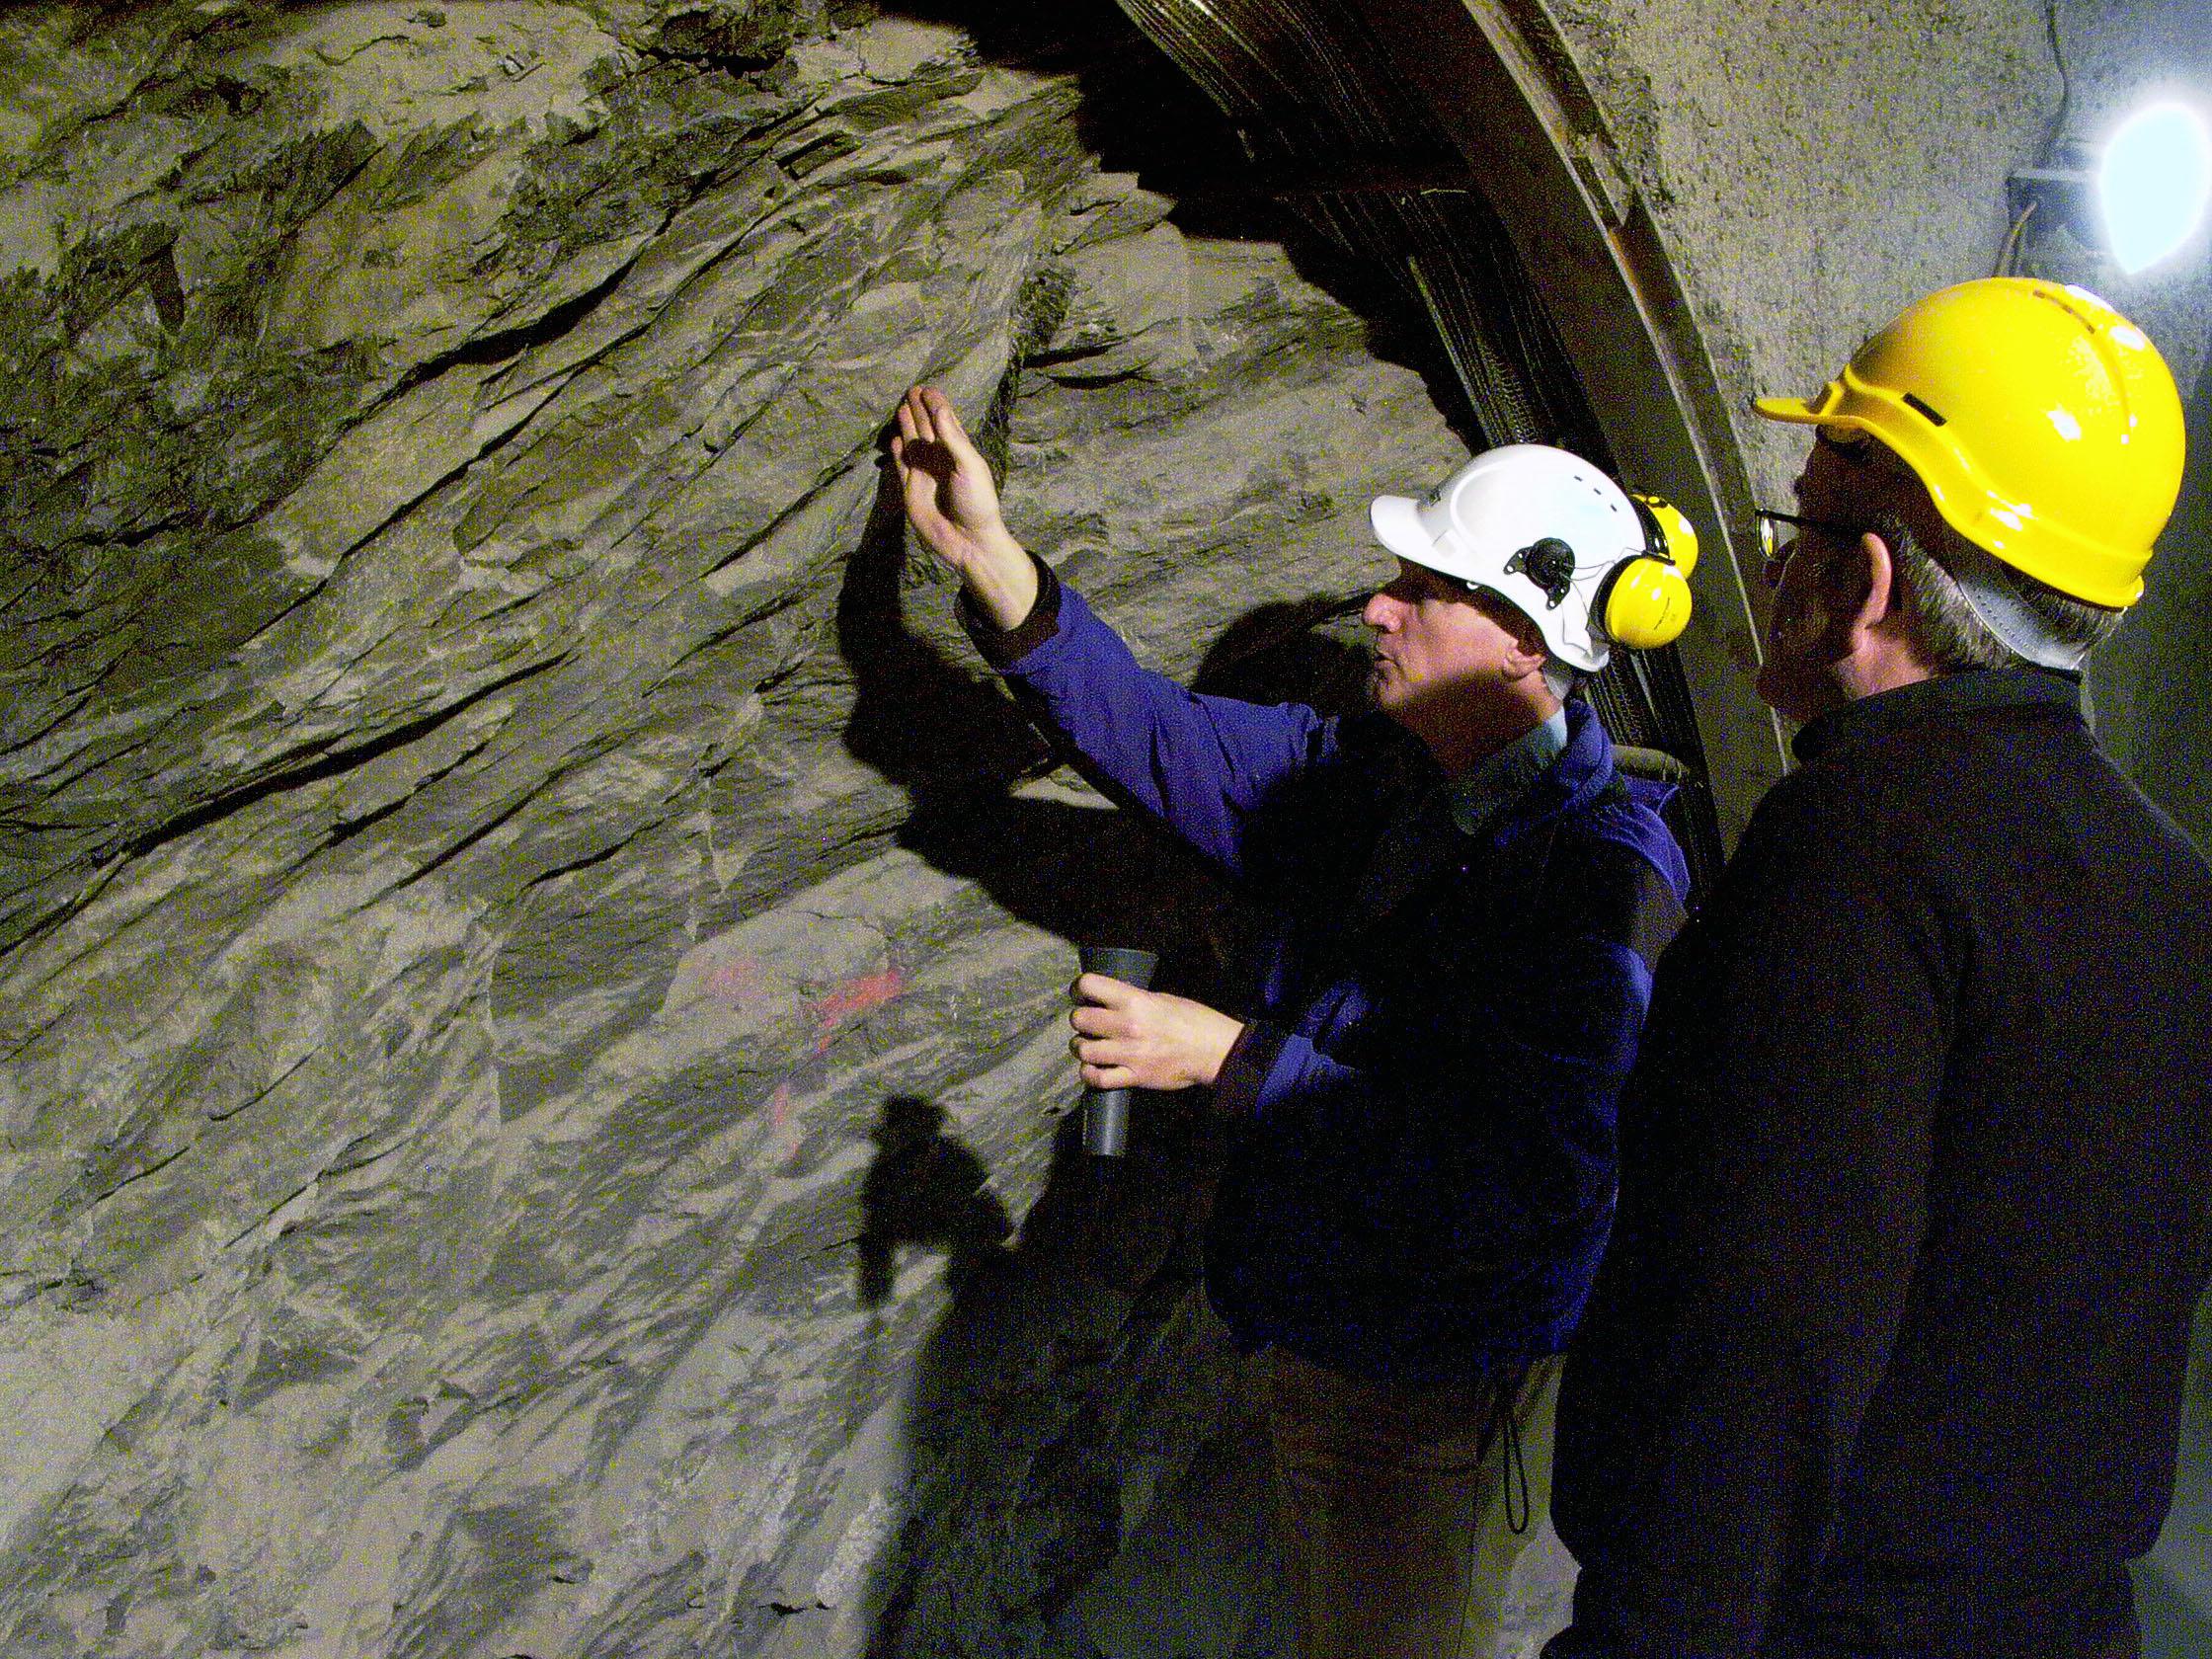 بعض الباحثين يتأمّـلون قِـطعة من حجر الأوبالين (Opaline)، الذي يُـعتبر مكوِّنا رئيسيا للأنفاق الجبلية في كانتون جورا